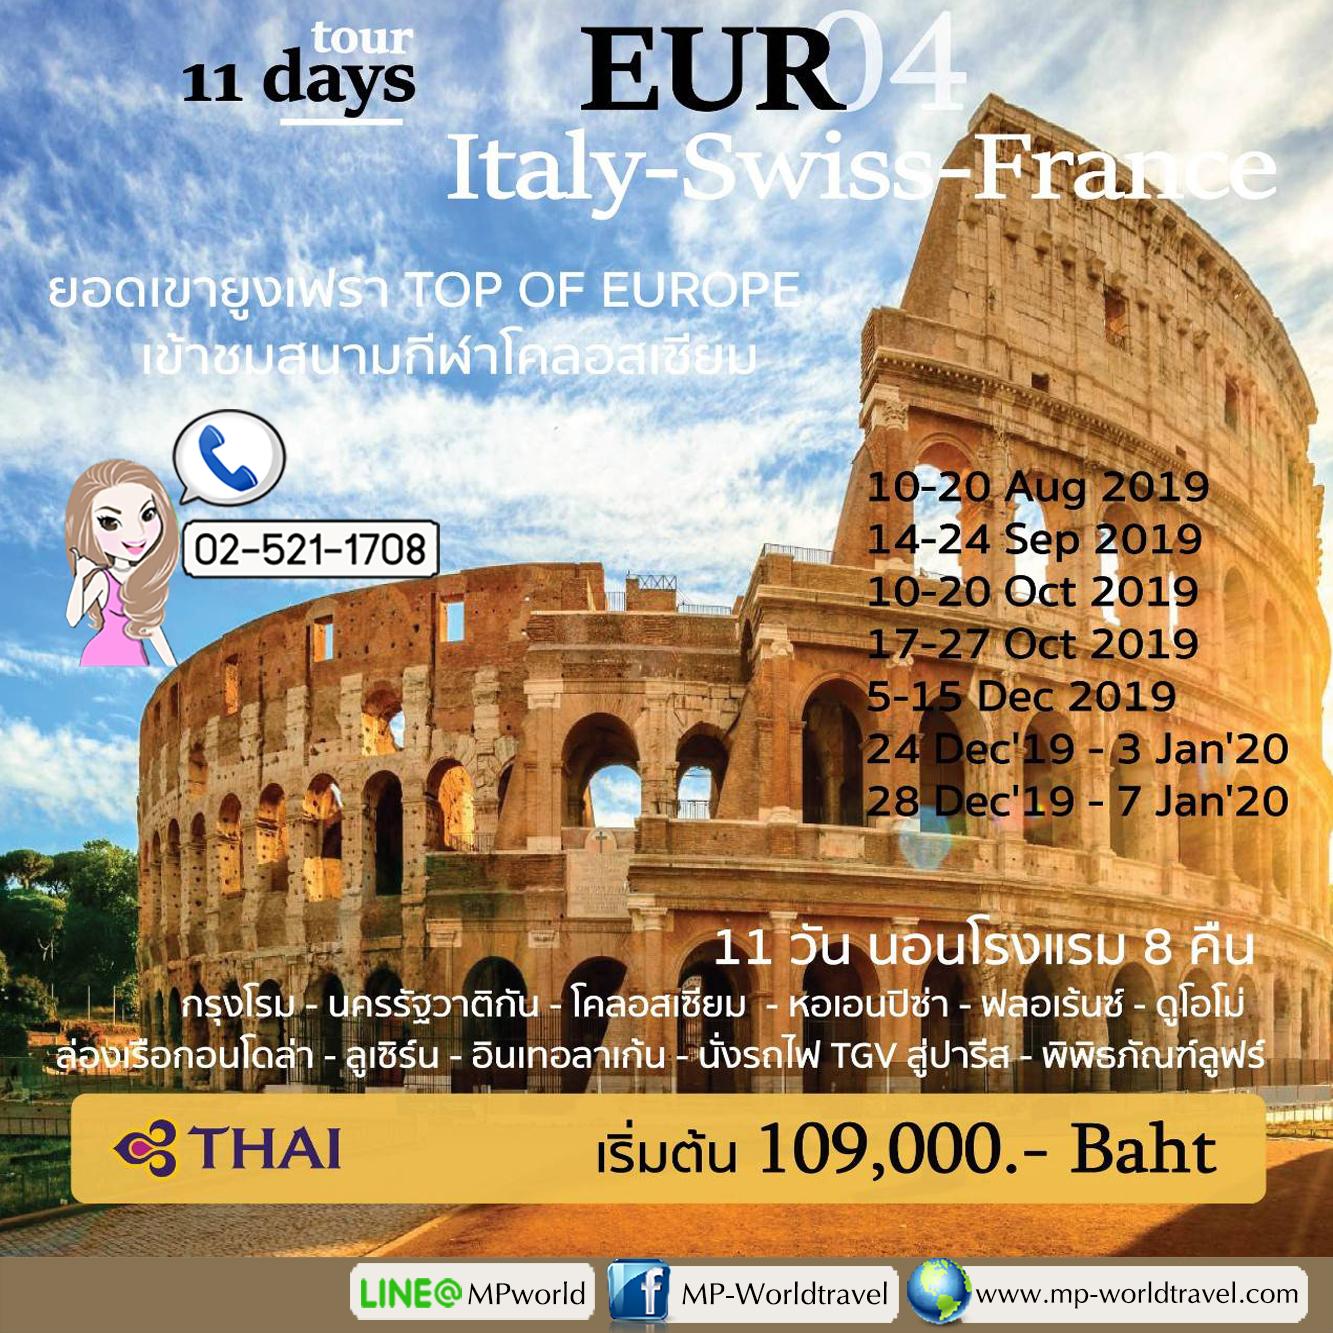 ทัวร์ยุโรปอิตาลี-สวิตเซอร์แลนด์-ฝรั่งเศส_EUR_04_11 D